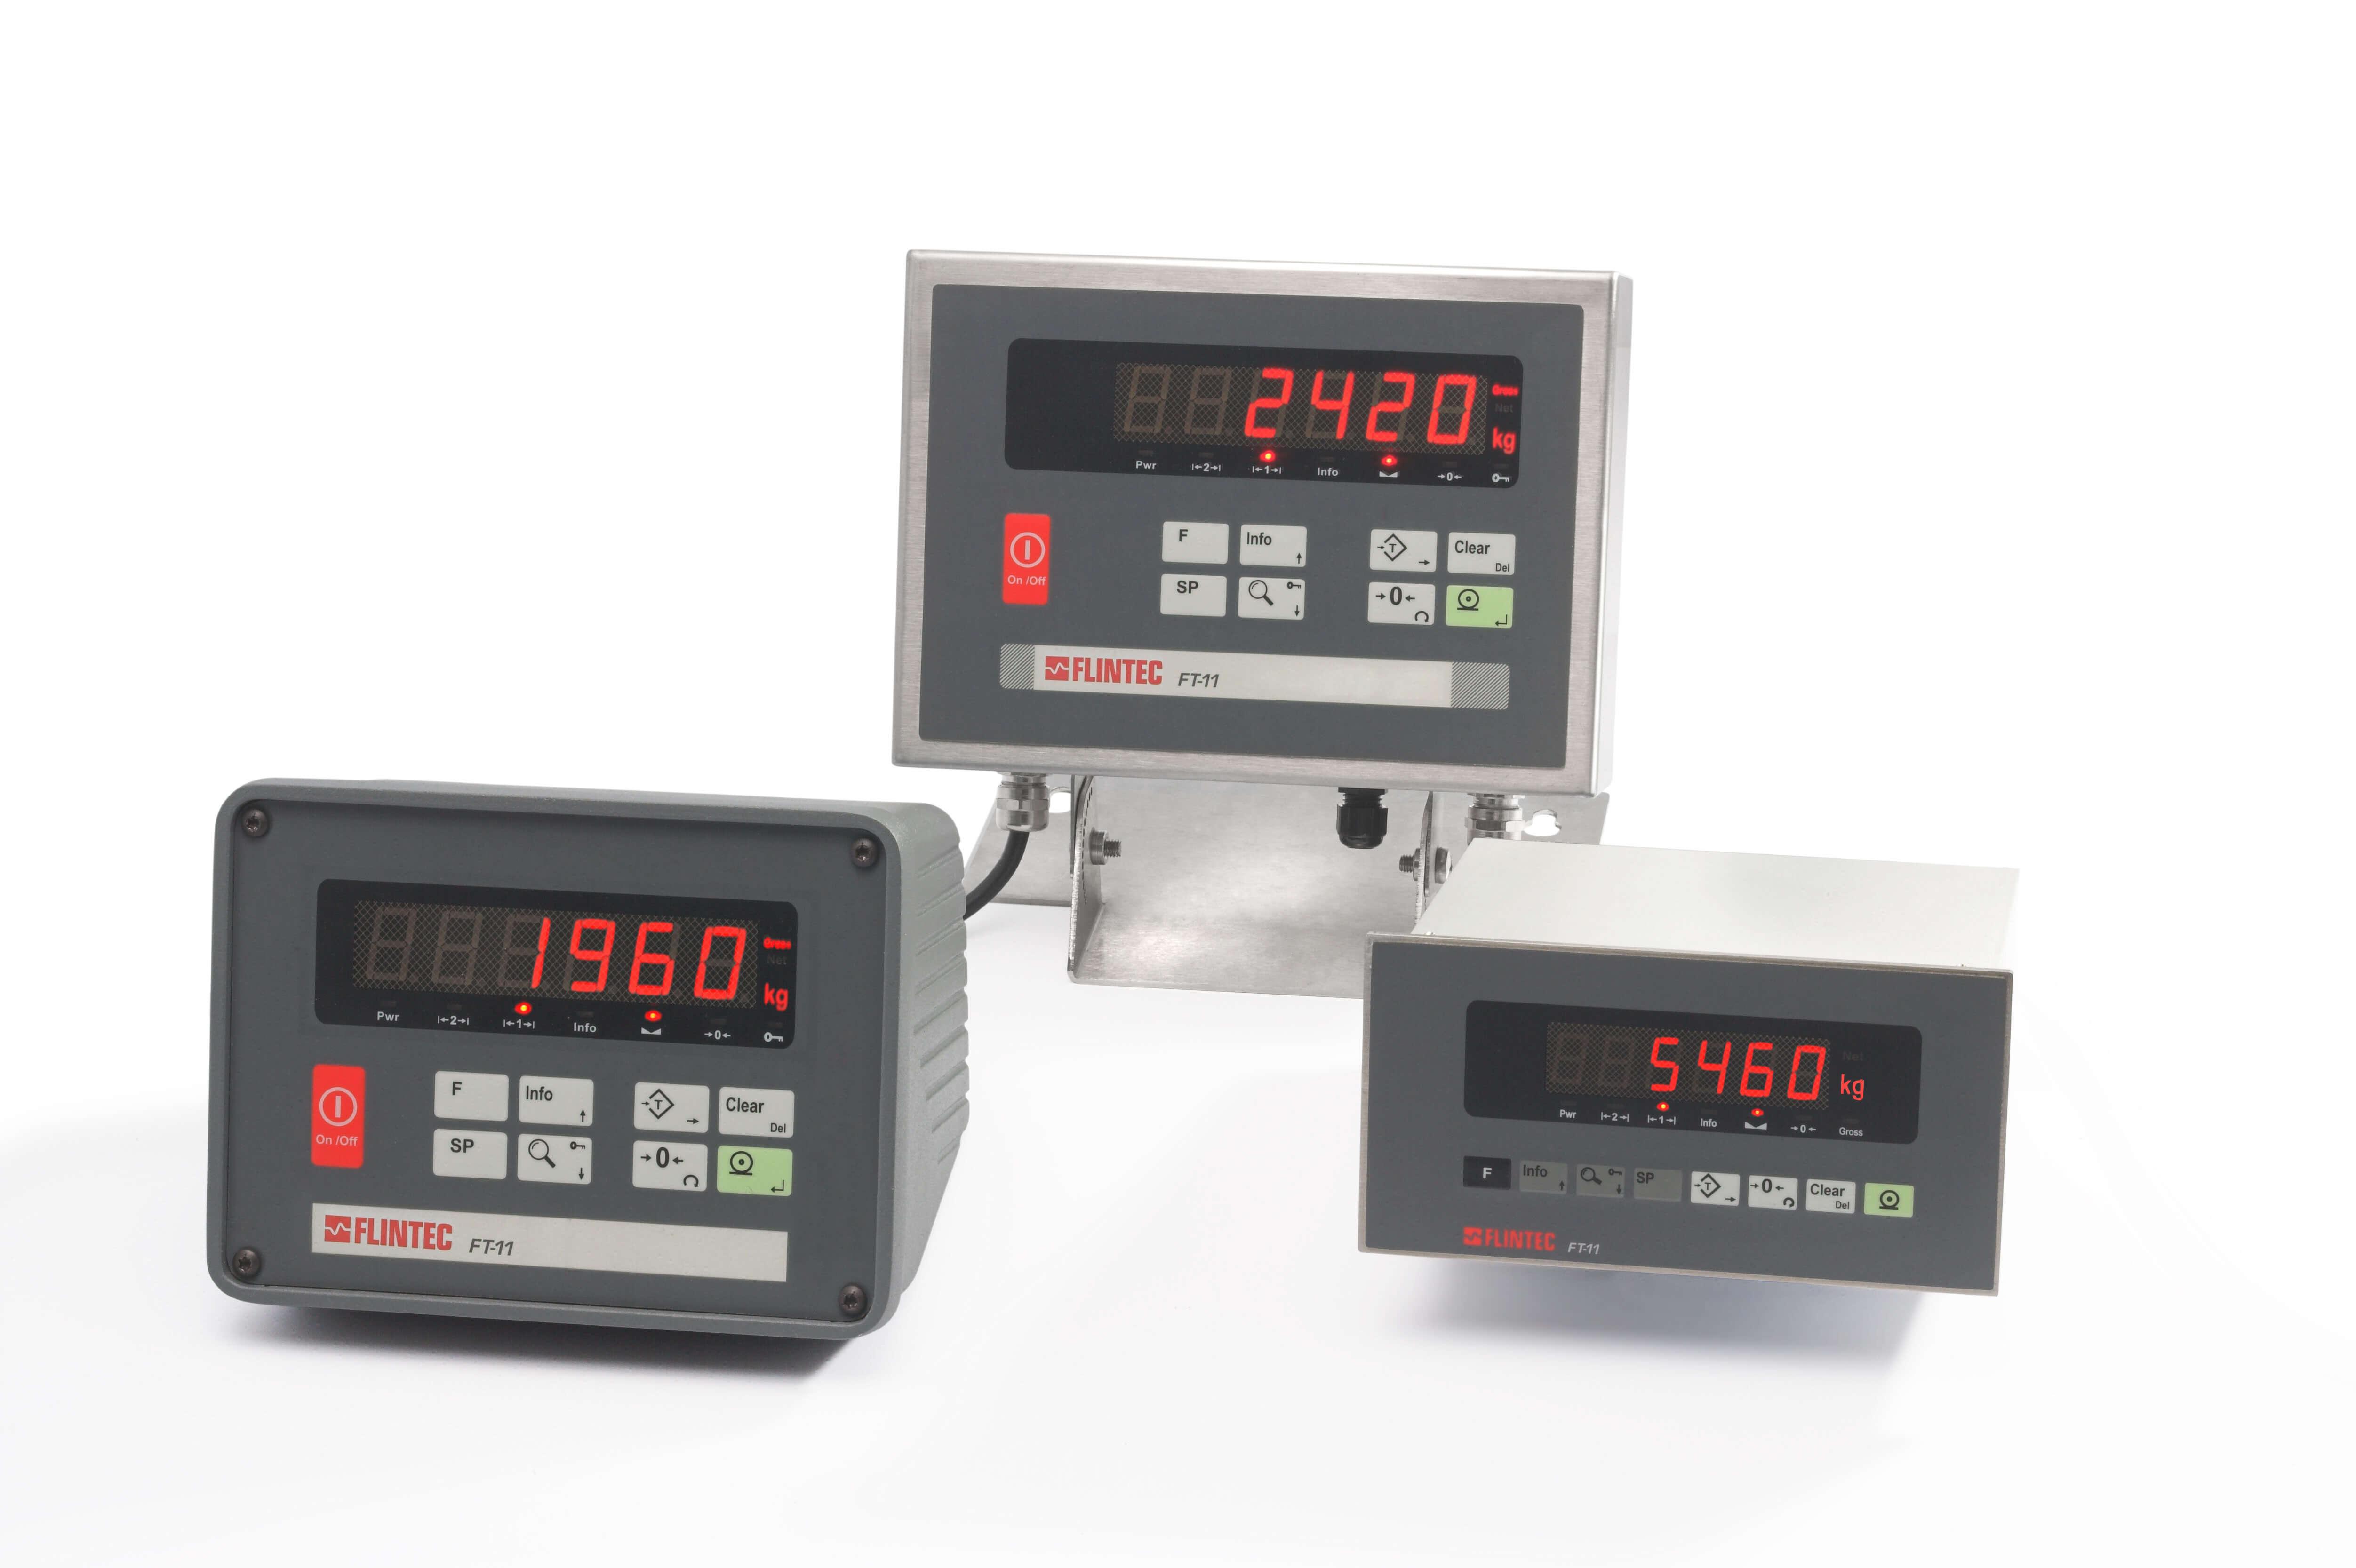 FT-11 gewichtsindicator (wordt vervangen door FT-111) Image